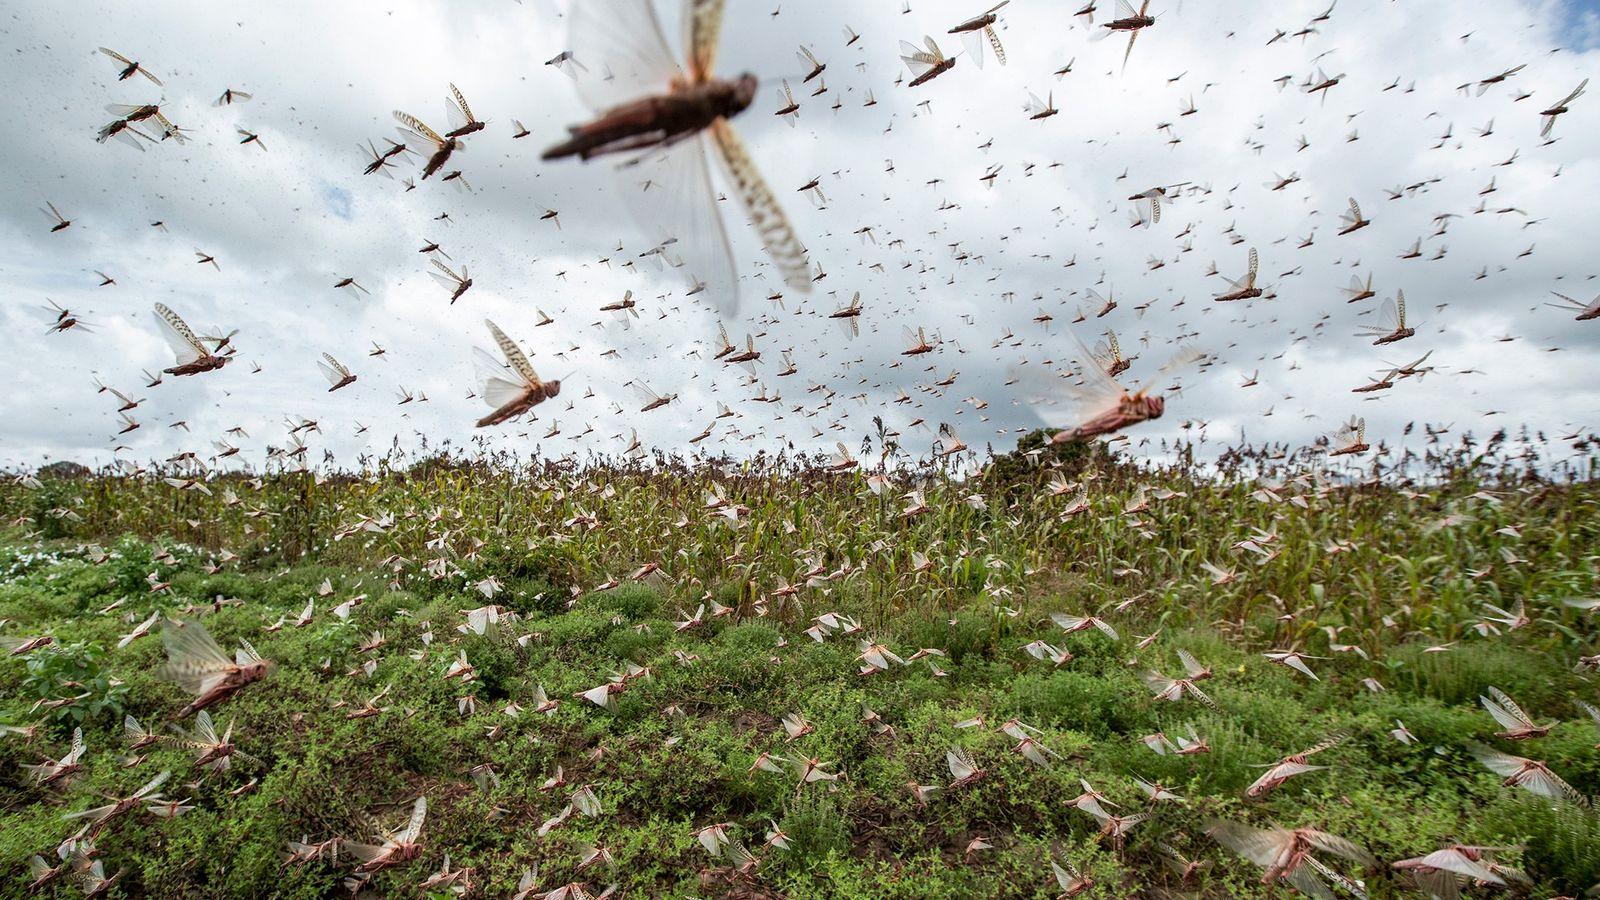 Centenas de milhões de gafanhotos-do-deserto invadiram o Quênia, provenientes da Somália e da Etiópia, uma quantidade ...